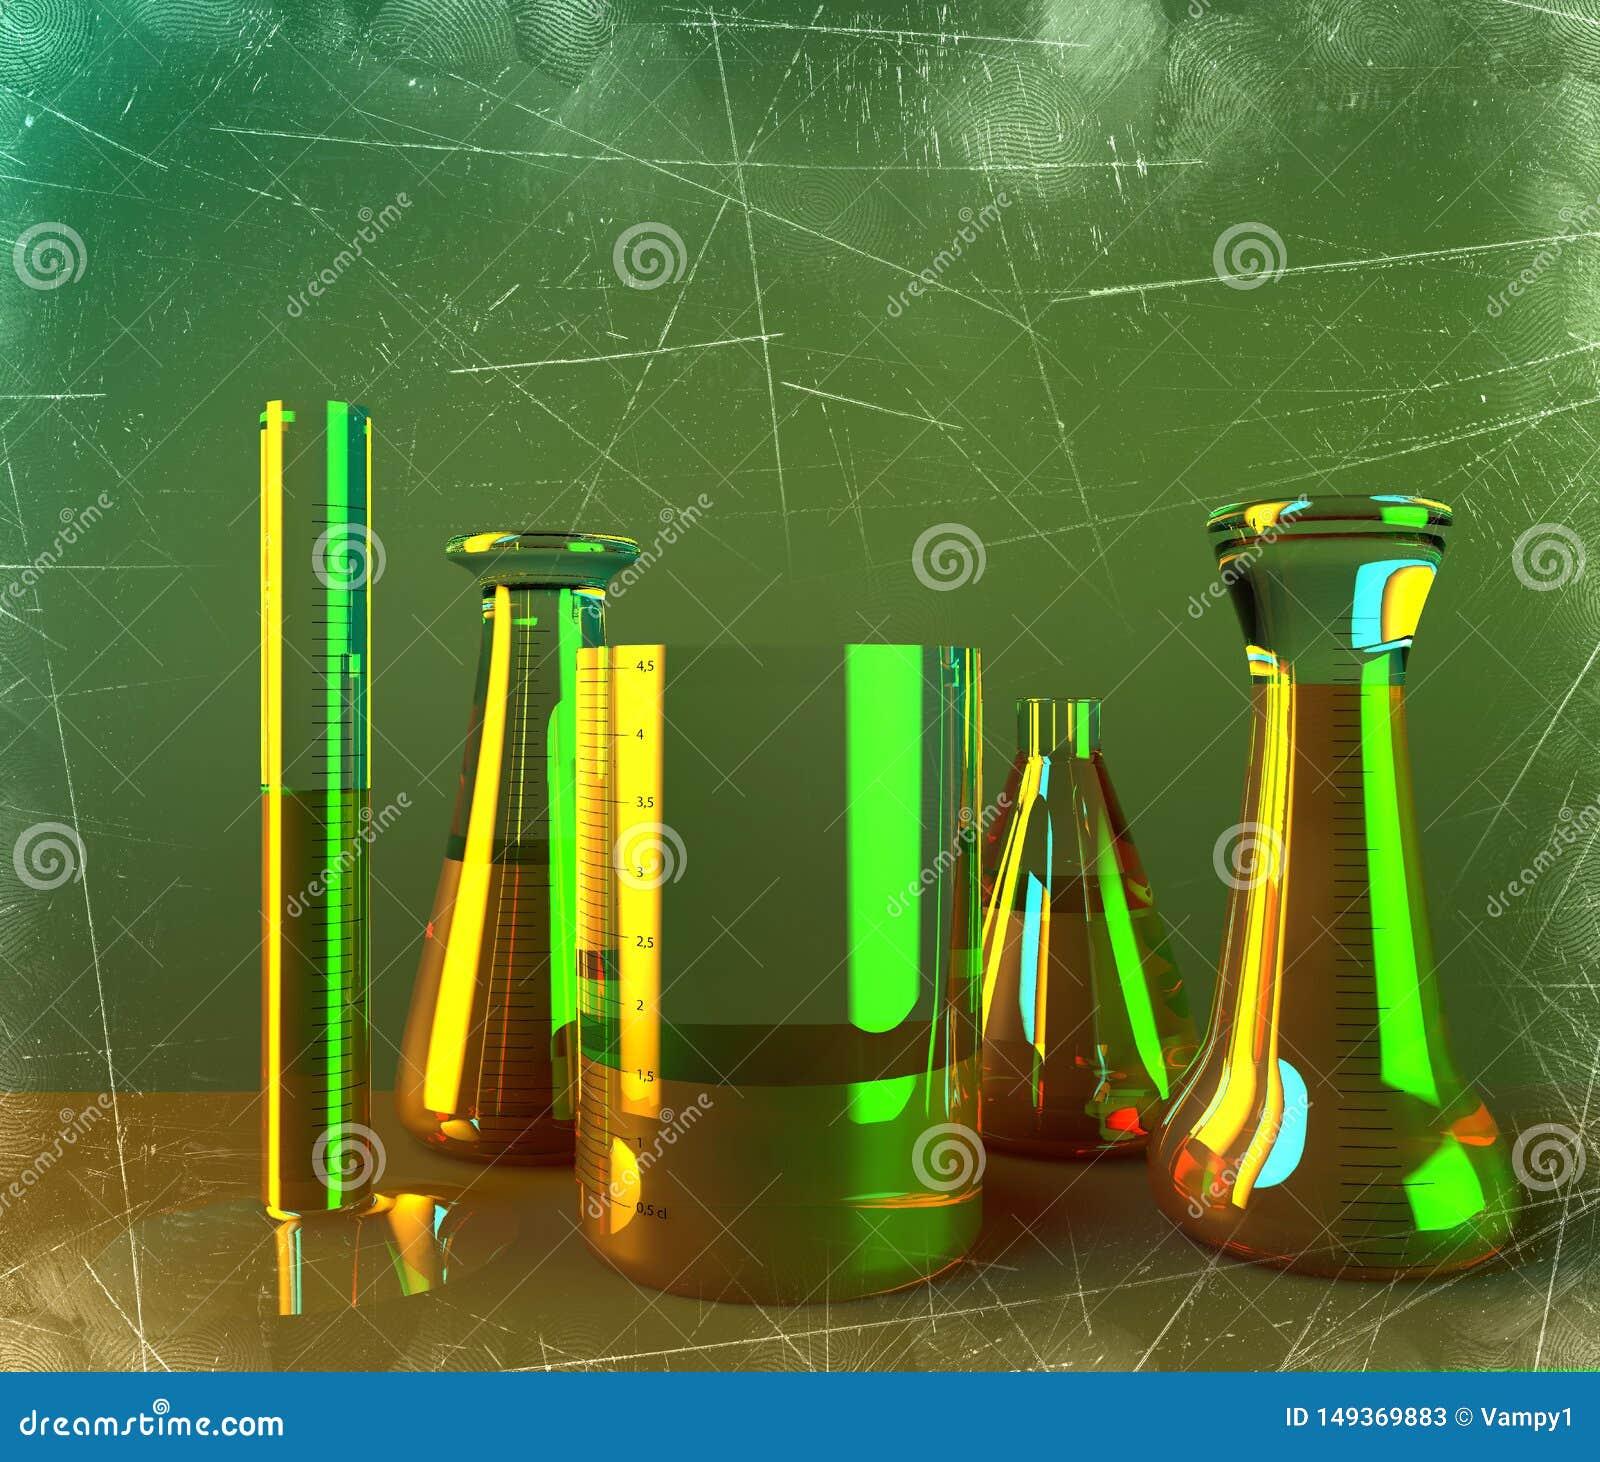 Το εργαστήριο και τα biohazards μελετούν, ανάλυση και δοκιμή με τα εμπορευματοκιβώτια για τα υγρά σε έναν πίνακα Ιοί και βακτηρίδ